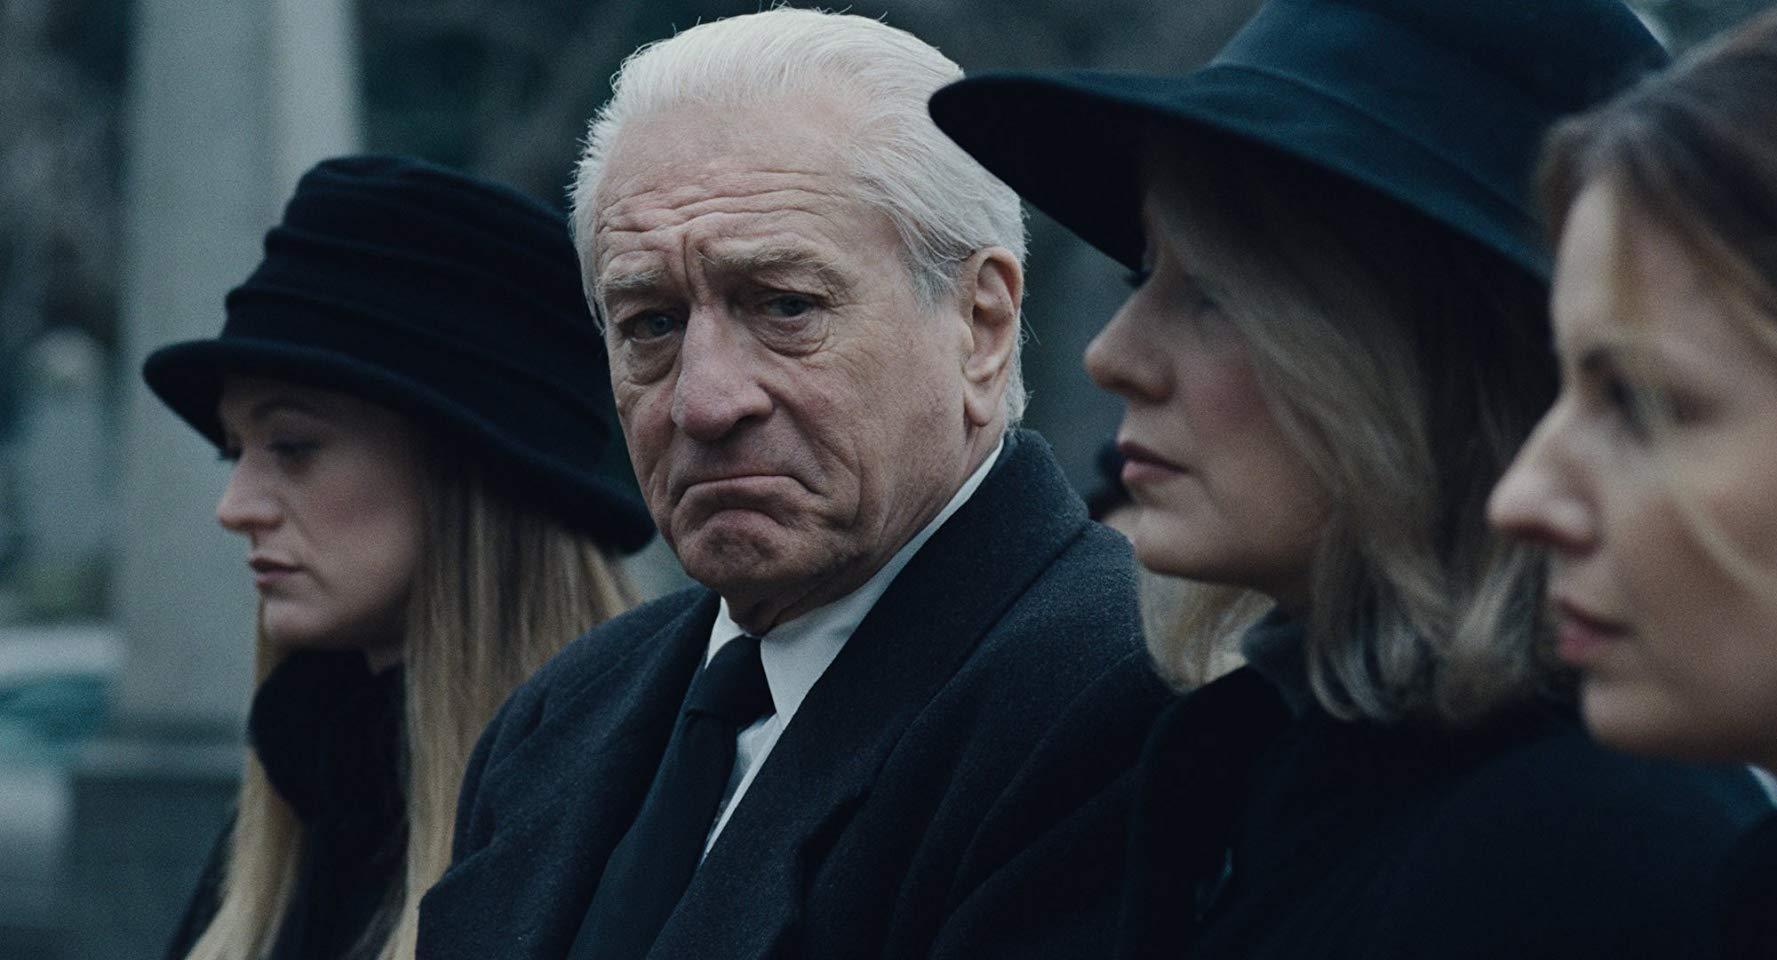 فیلم «ایرلندی» (The Irishman) ساخته مارتین اسکورسیزی با بازی رابرت دنیرو، آل پاچینو و جو پشی روایت دراماتیزه شده ای از ناپدید شدن جیمی هوفا است.